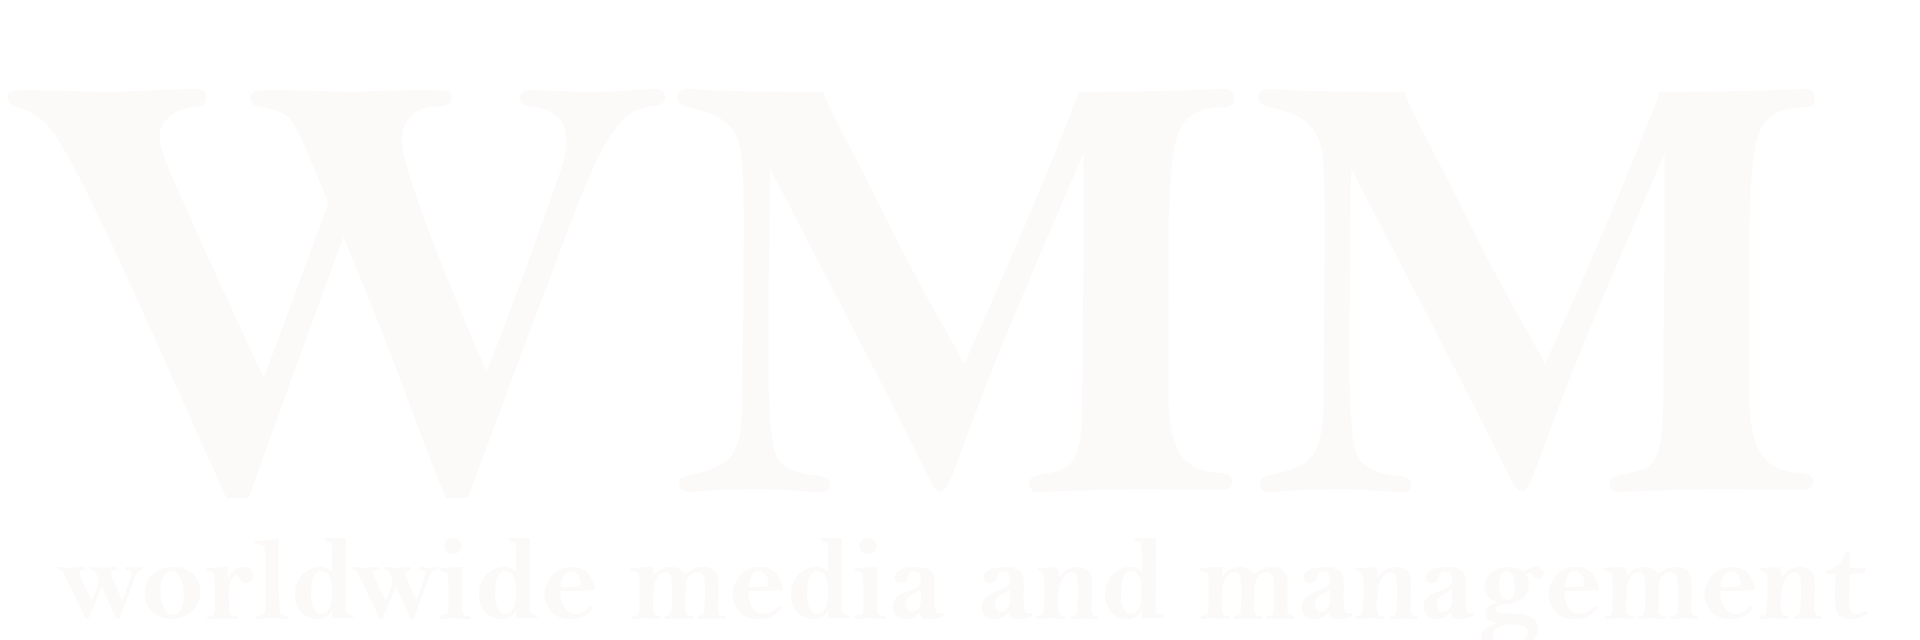 WMM Models